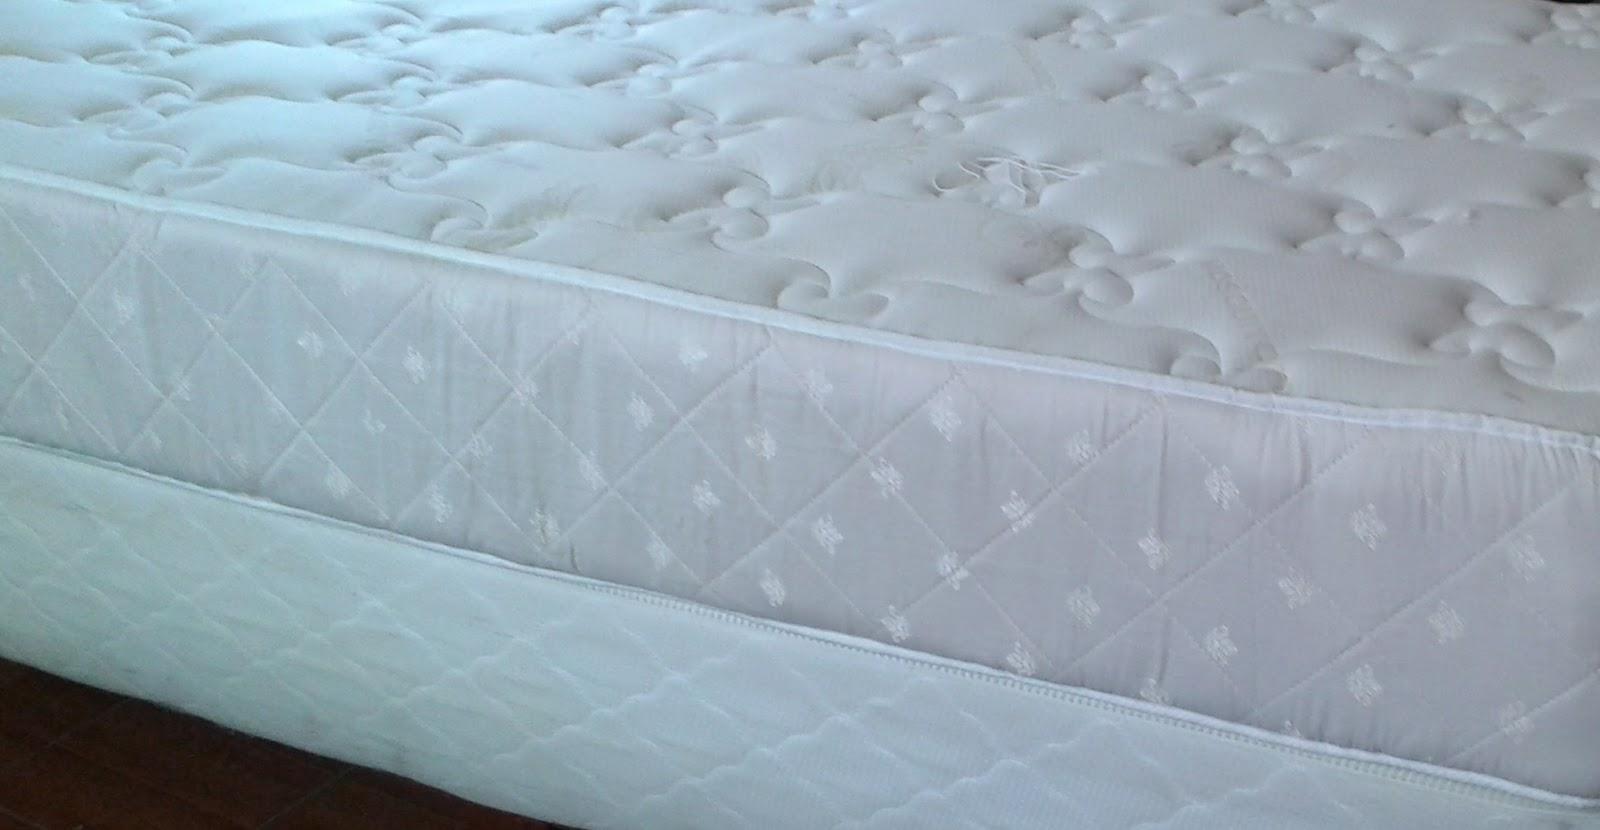 Reparacion mantenimiento y lavado al agua colchones de for Cuanto cuesta una cama king size